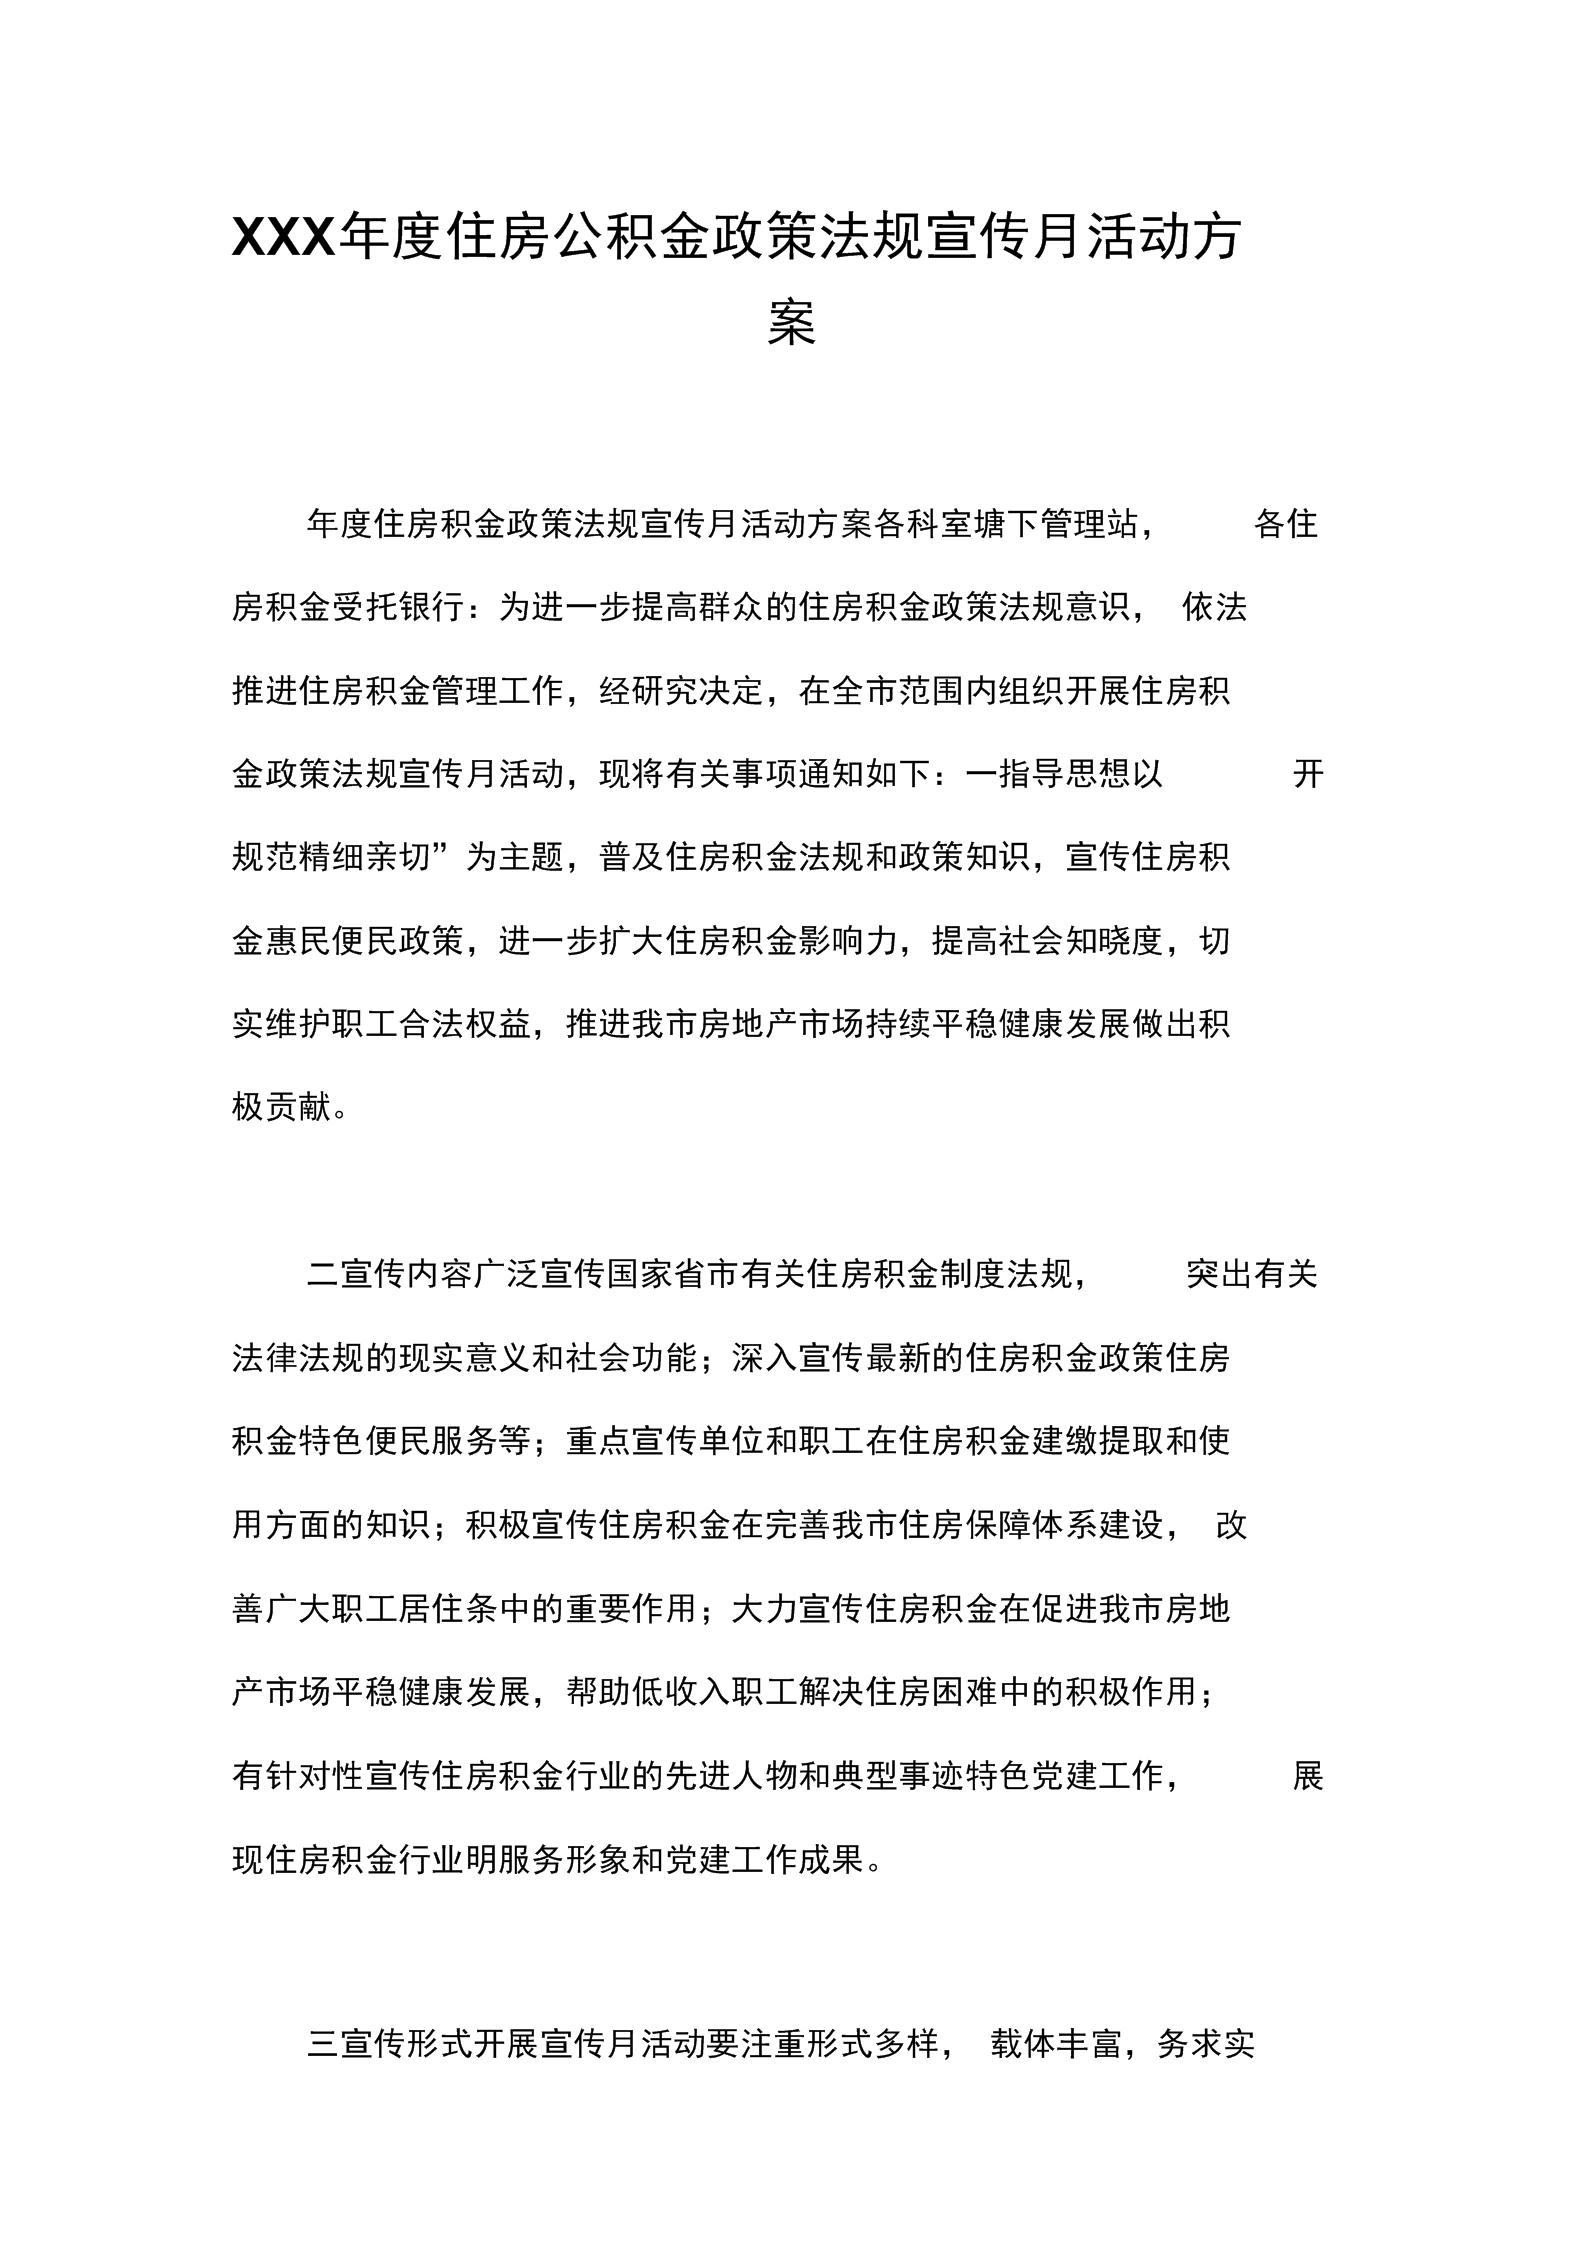 xxx年度住房公积金政策法规宣传月活动方案.docx